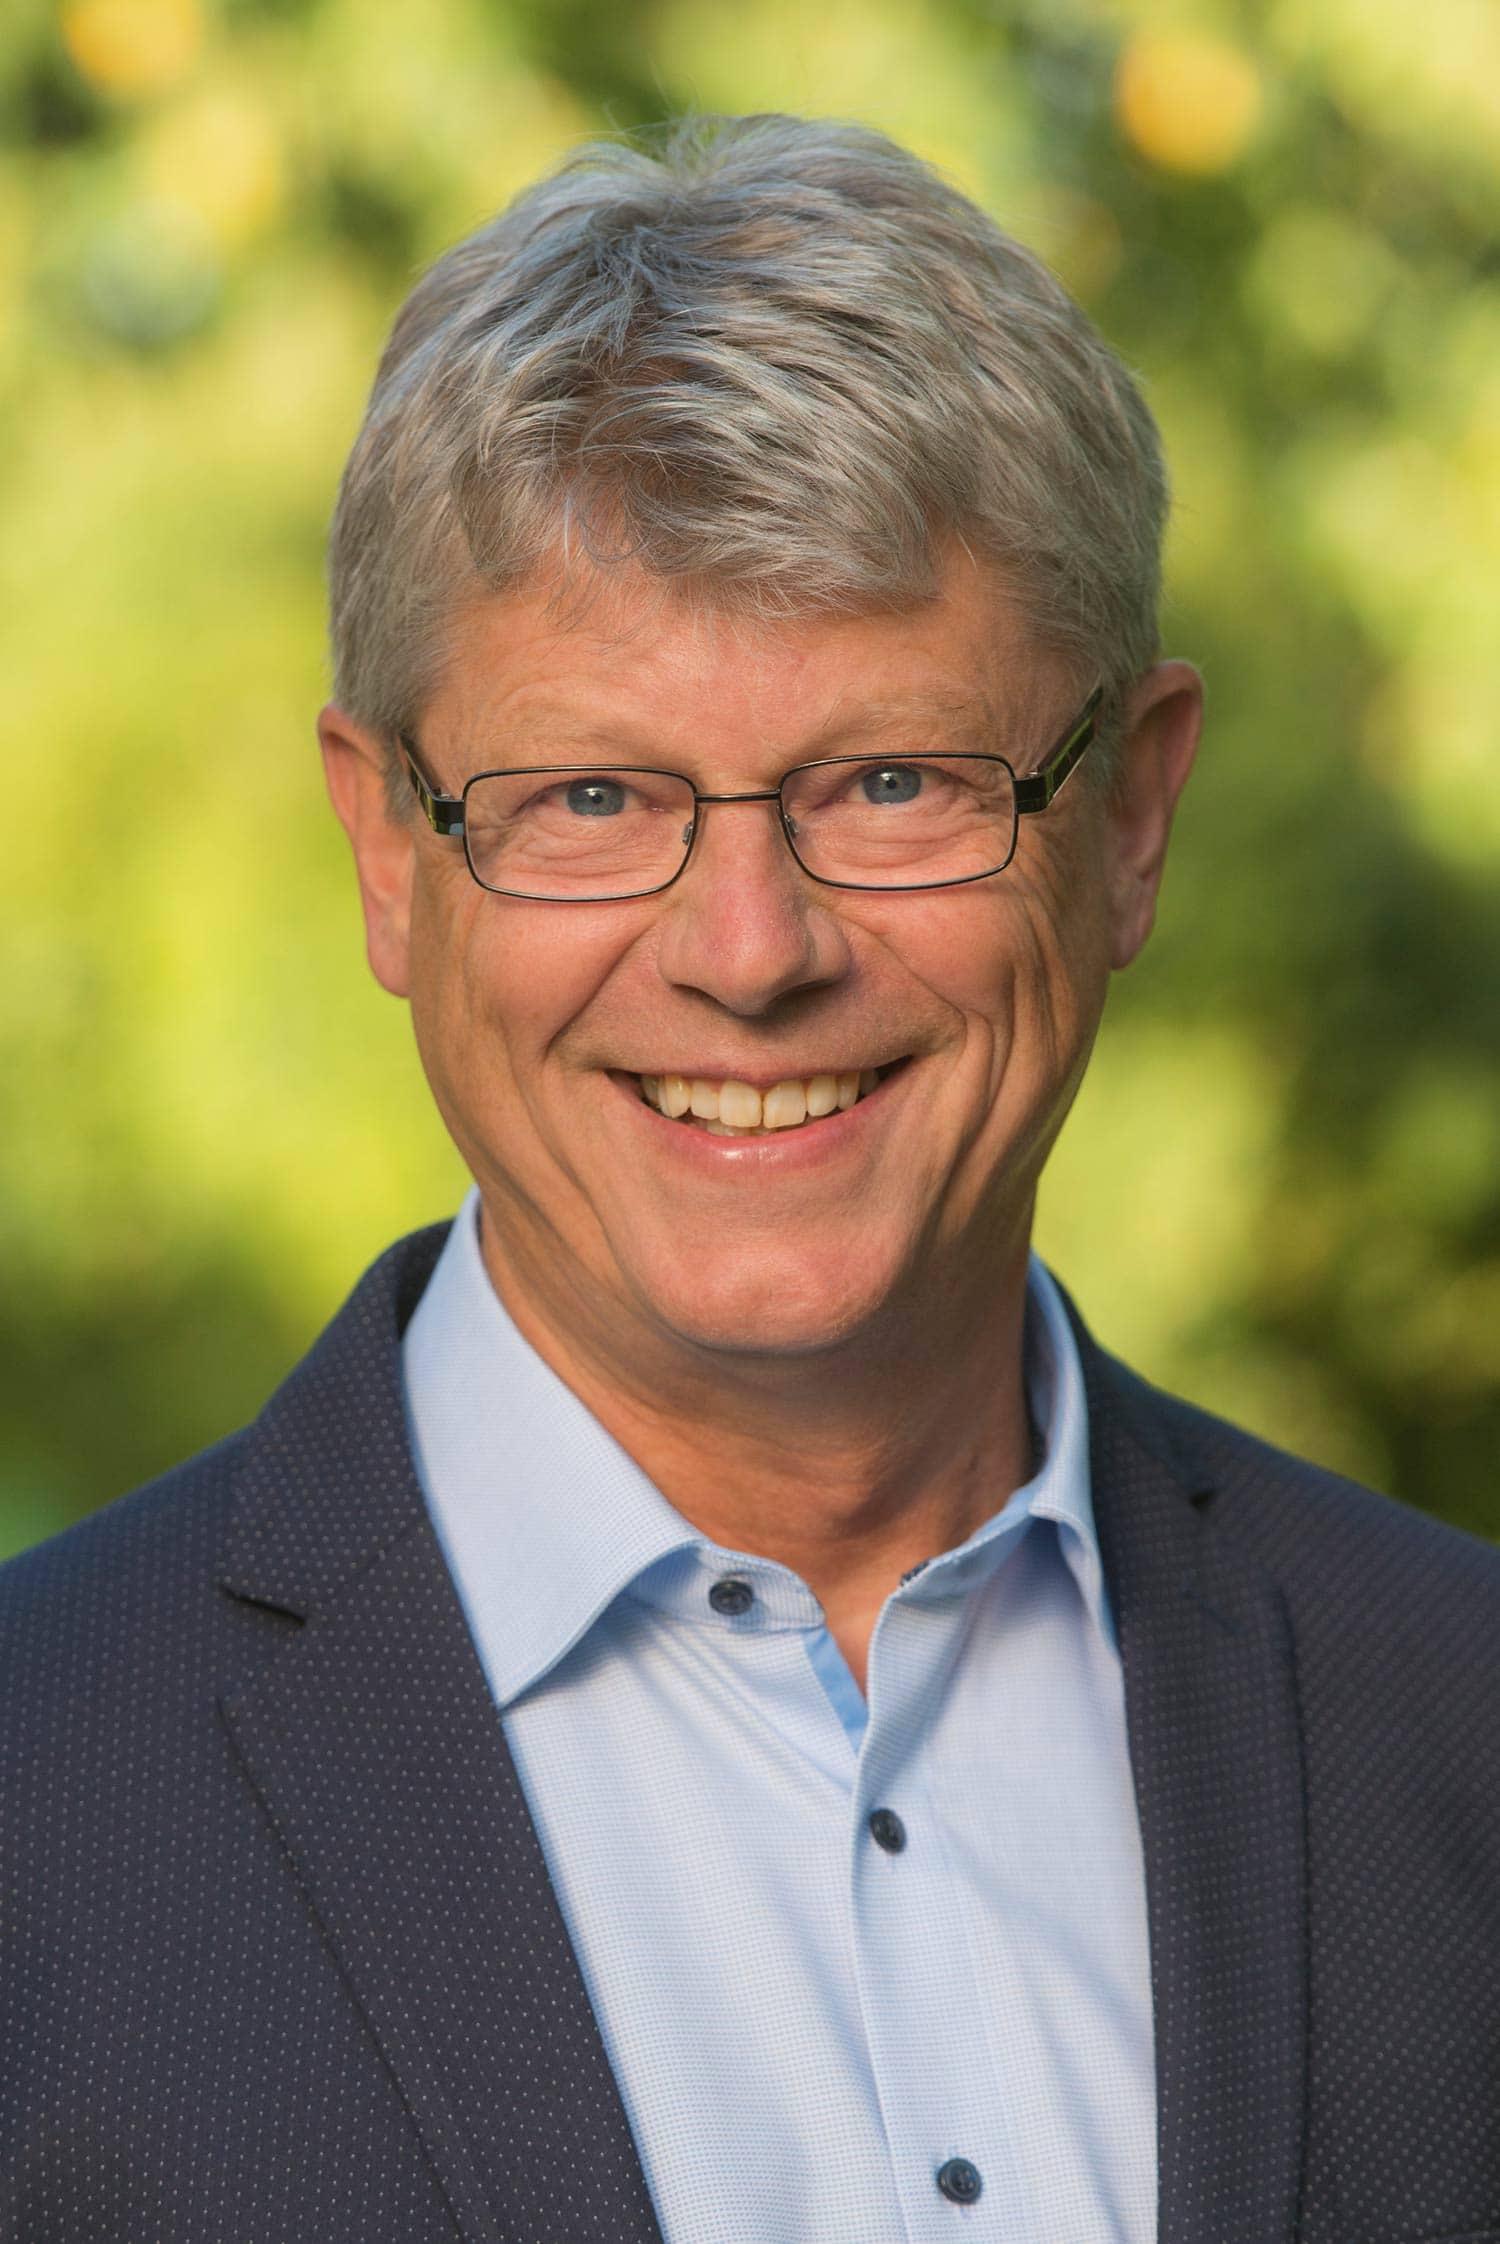 Der Pettendorfer Bürgermeister Eduard Obermeier geht in seine vierte Amtszeit. Der Freie Wähler-Politiker errang mit 50,87 Prozent knapp die absolute Mehrheit. Foto: Klaus Kurz